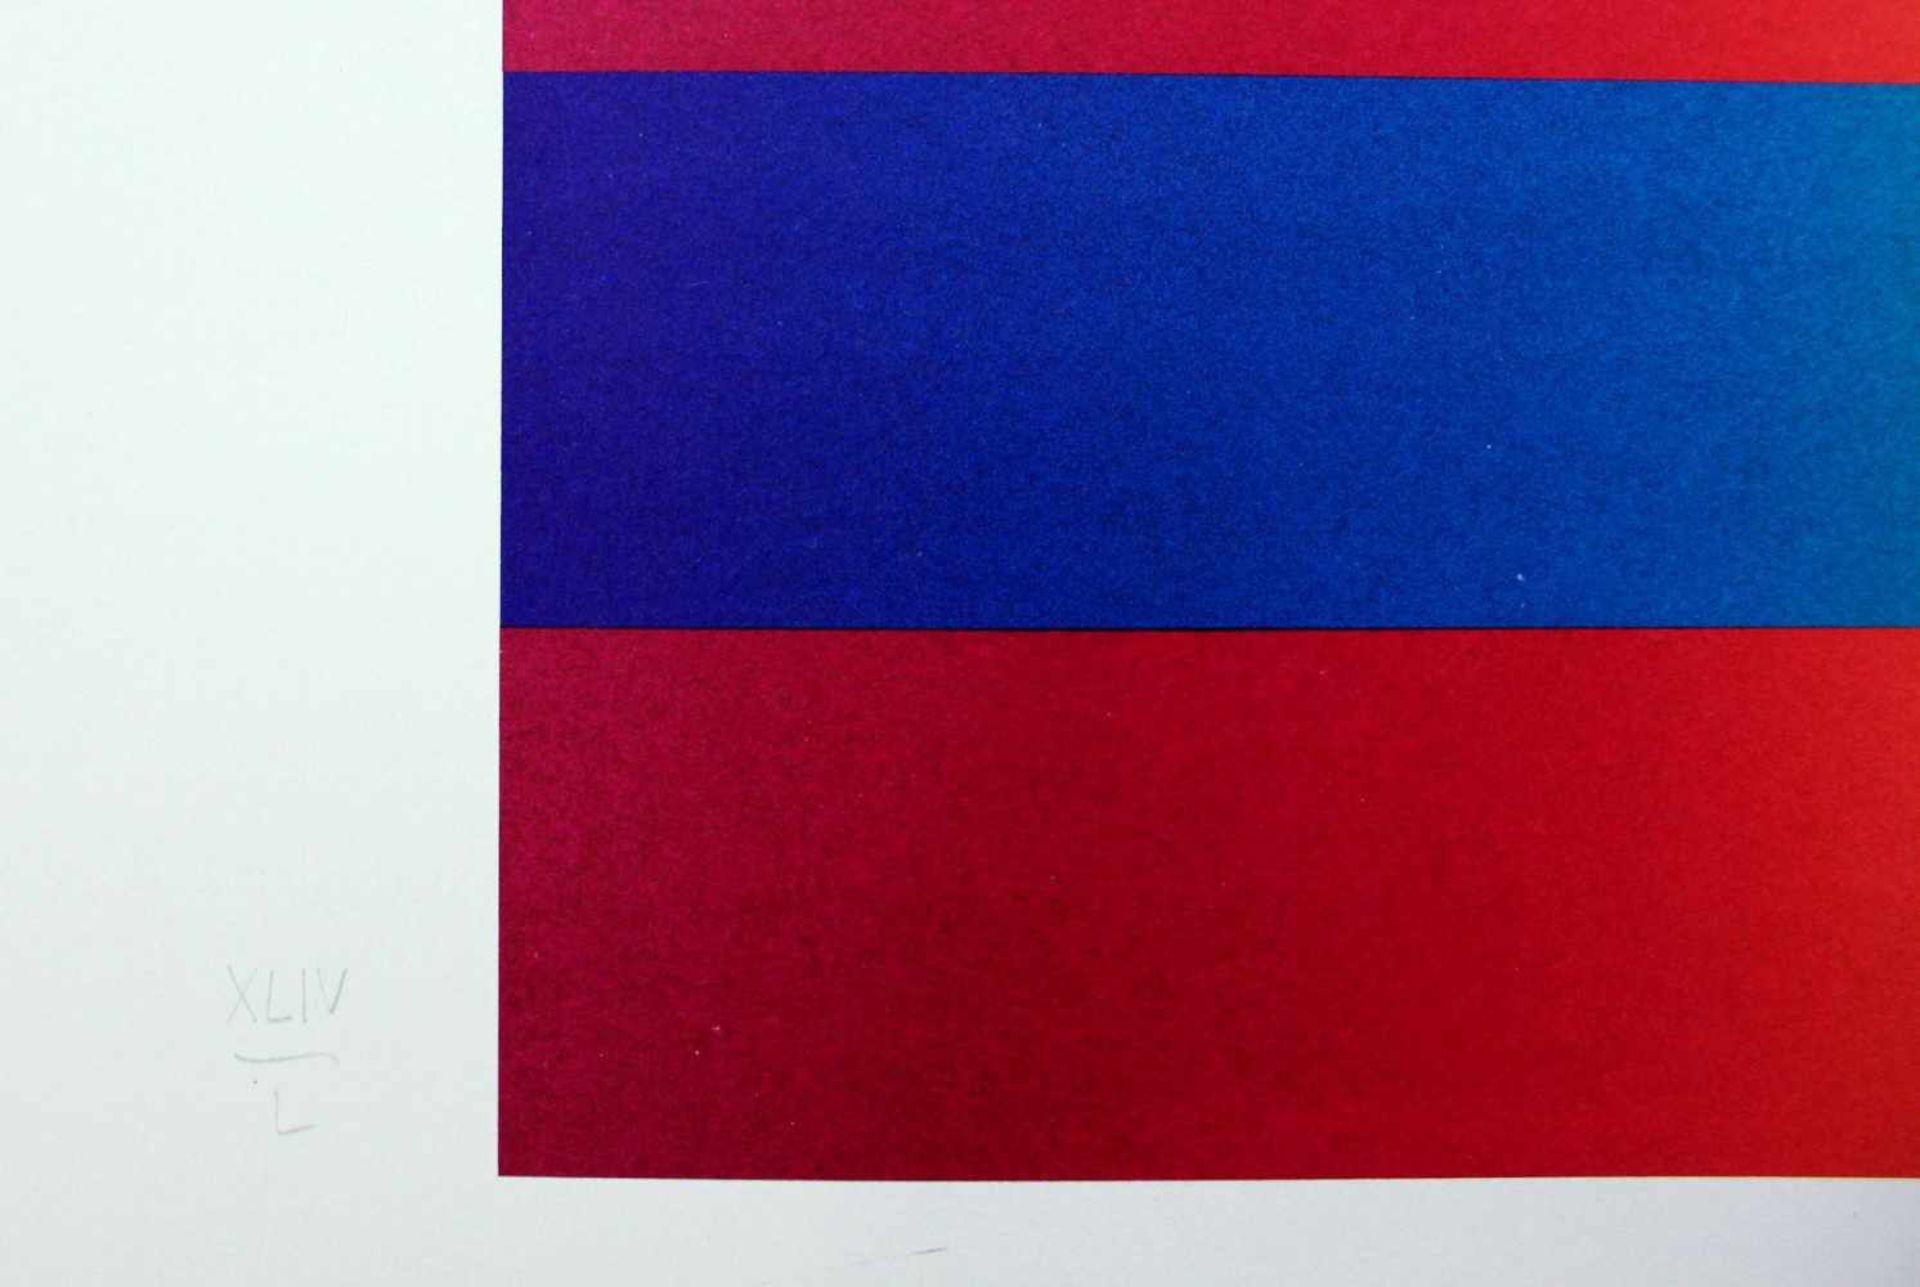 Getulio Alviani geb. 1937 o.T. Farbserigrafie handsigniert und nummeriert XLV/L (45/50) 71 x 100 cm - Bild 4 aus 4